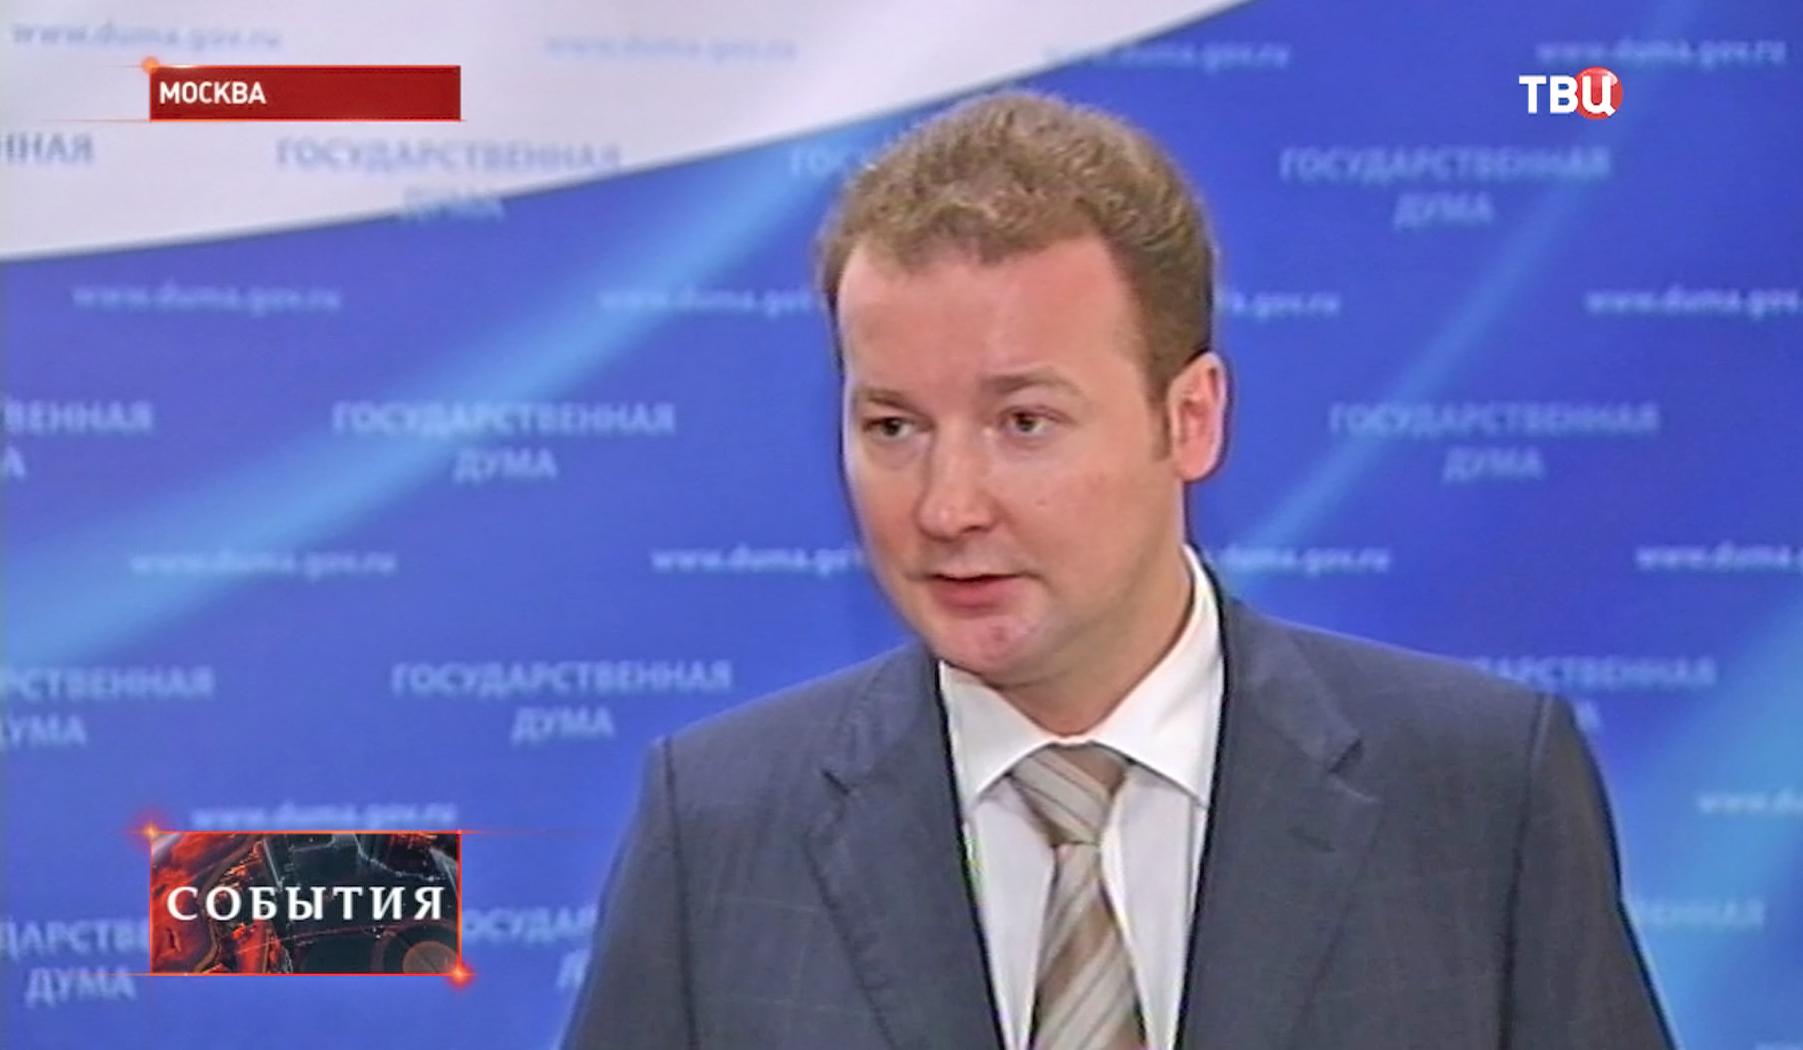 Заместитель председателя комиссии Госдумы по вопросам депутатской этики, фракция КПРФ Андрей Андреев